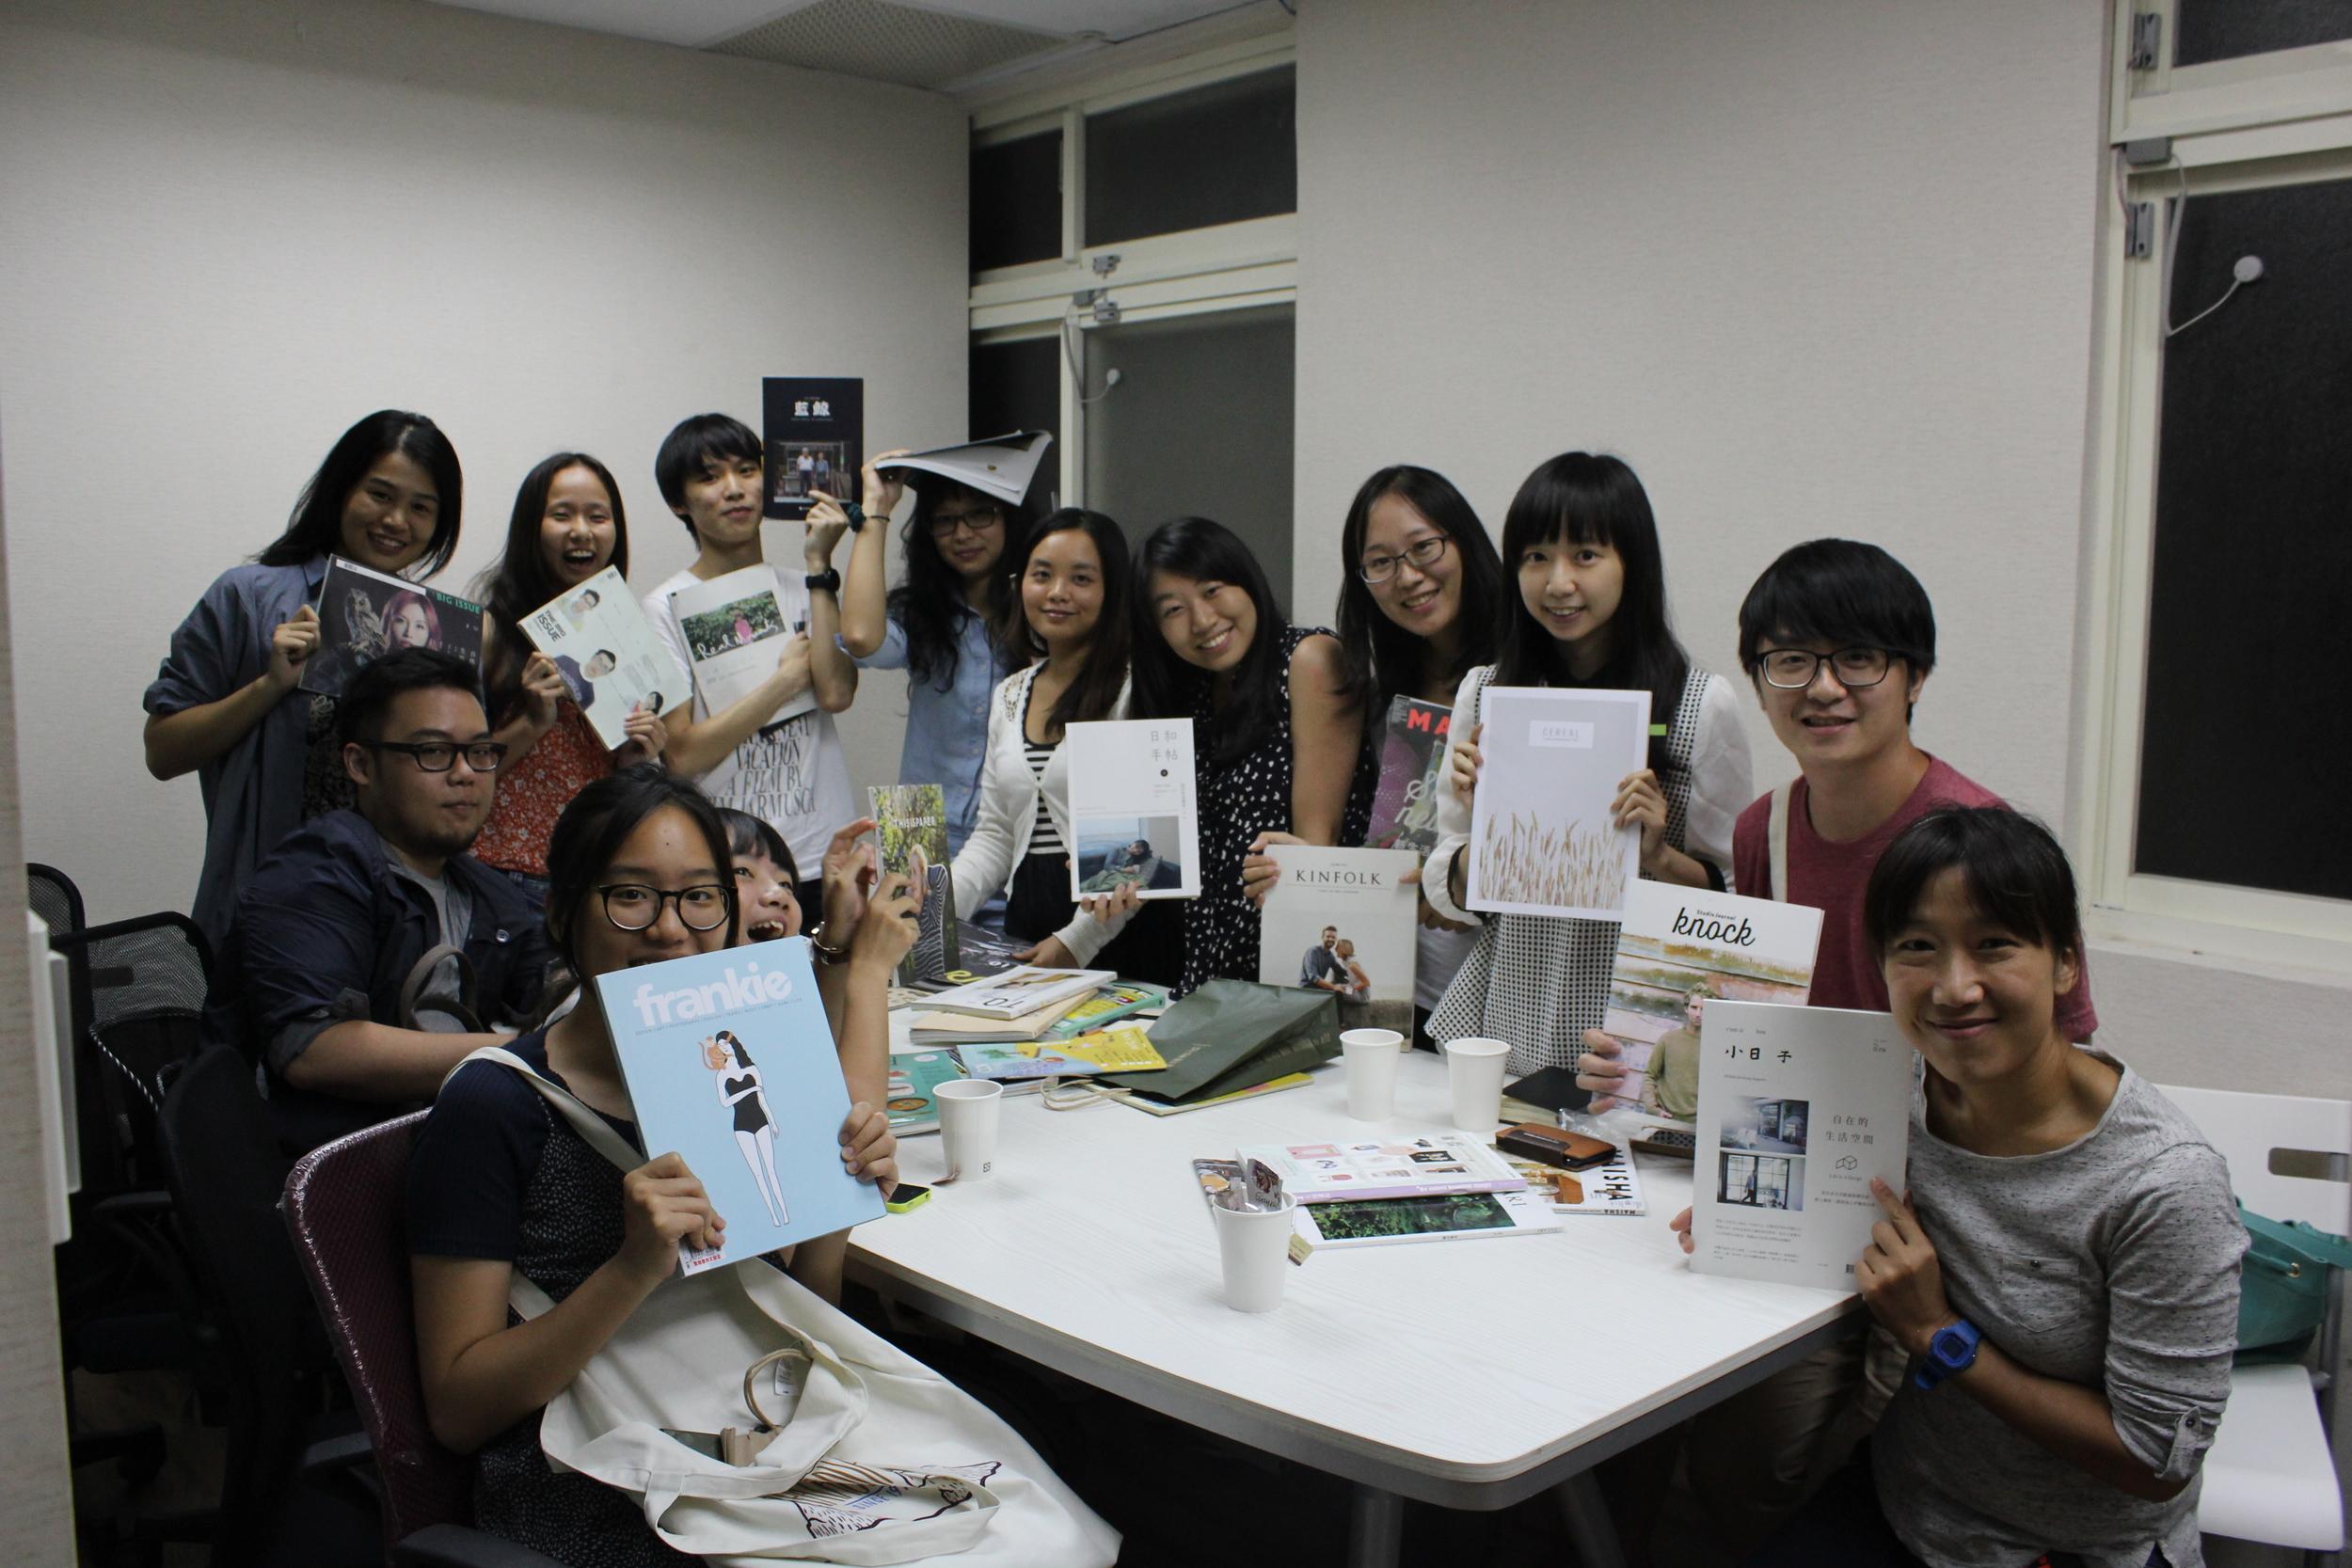 雜誌上癮俱樂部實體聚會「翻雜誌」在《小日子》編輯部舉辦的活動,邀請編輯、讀者、學生、上班族一同歡聚。